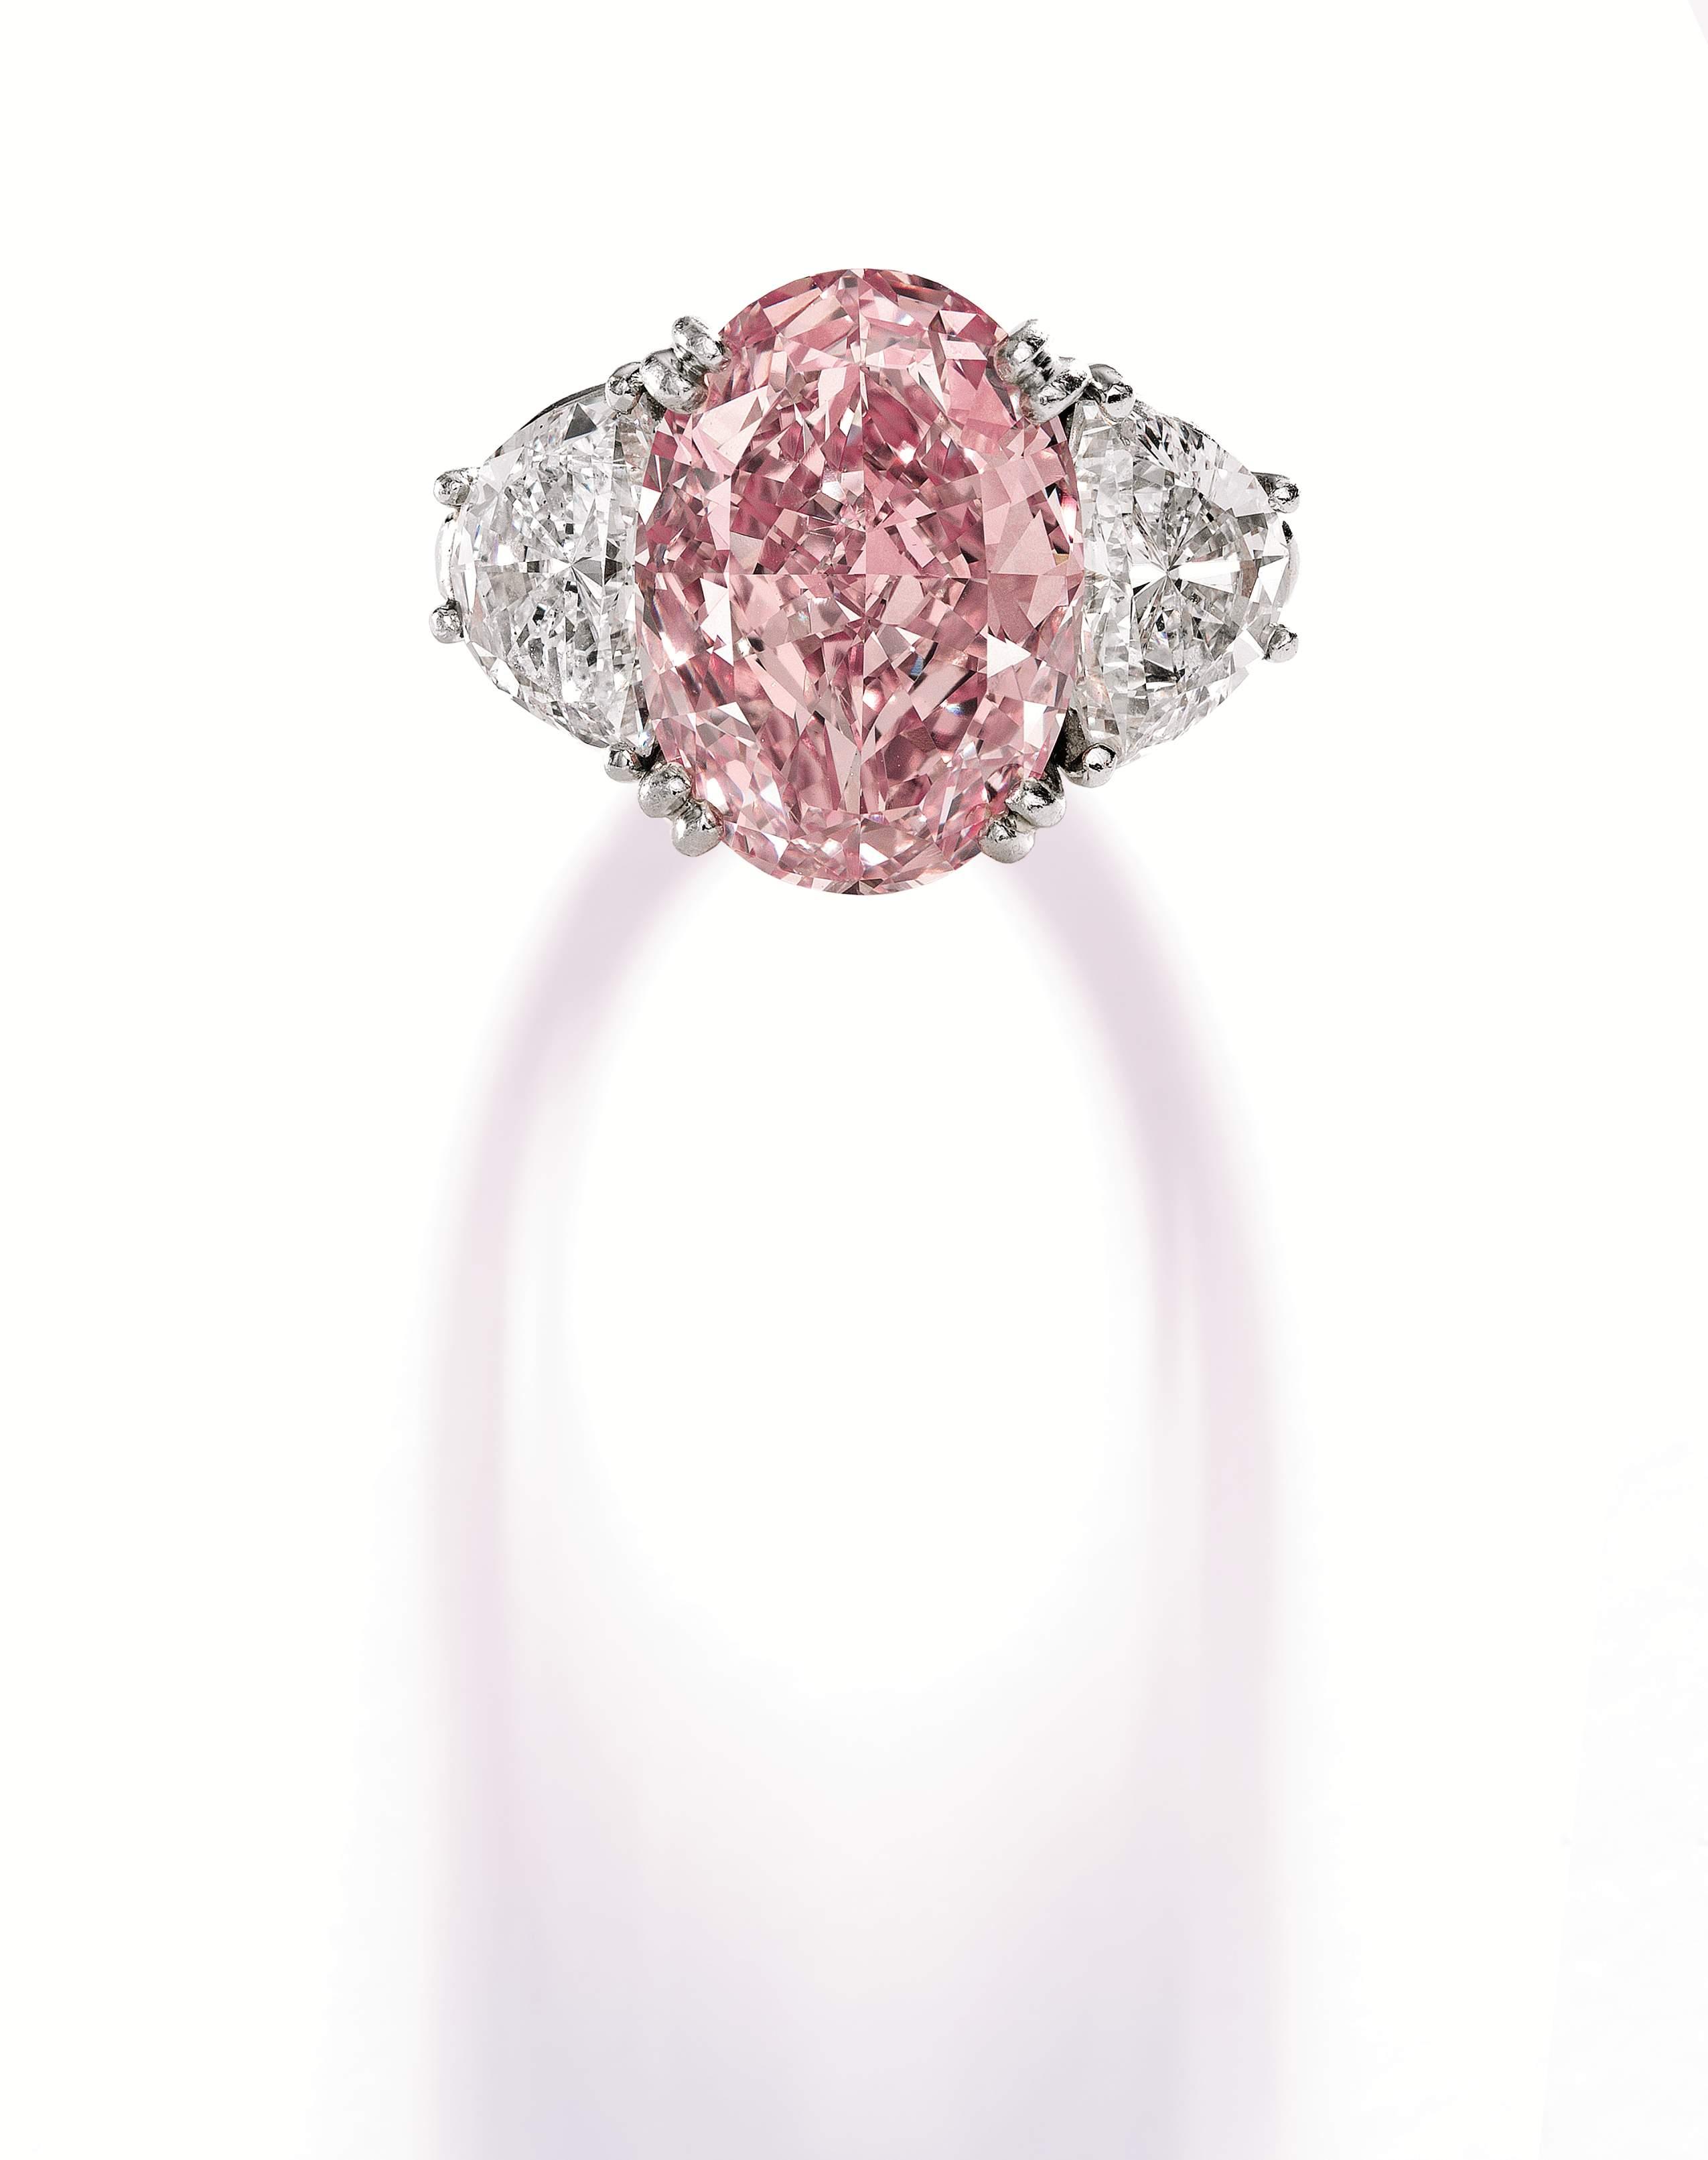 La collezione di gioielli delle signore Estée Lauder e Evelyn H. Laude da Sotheby's